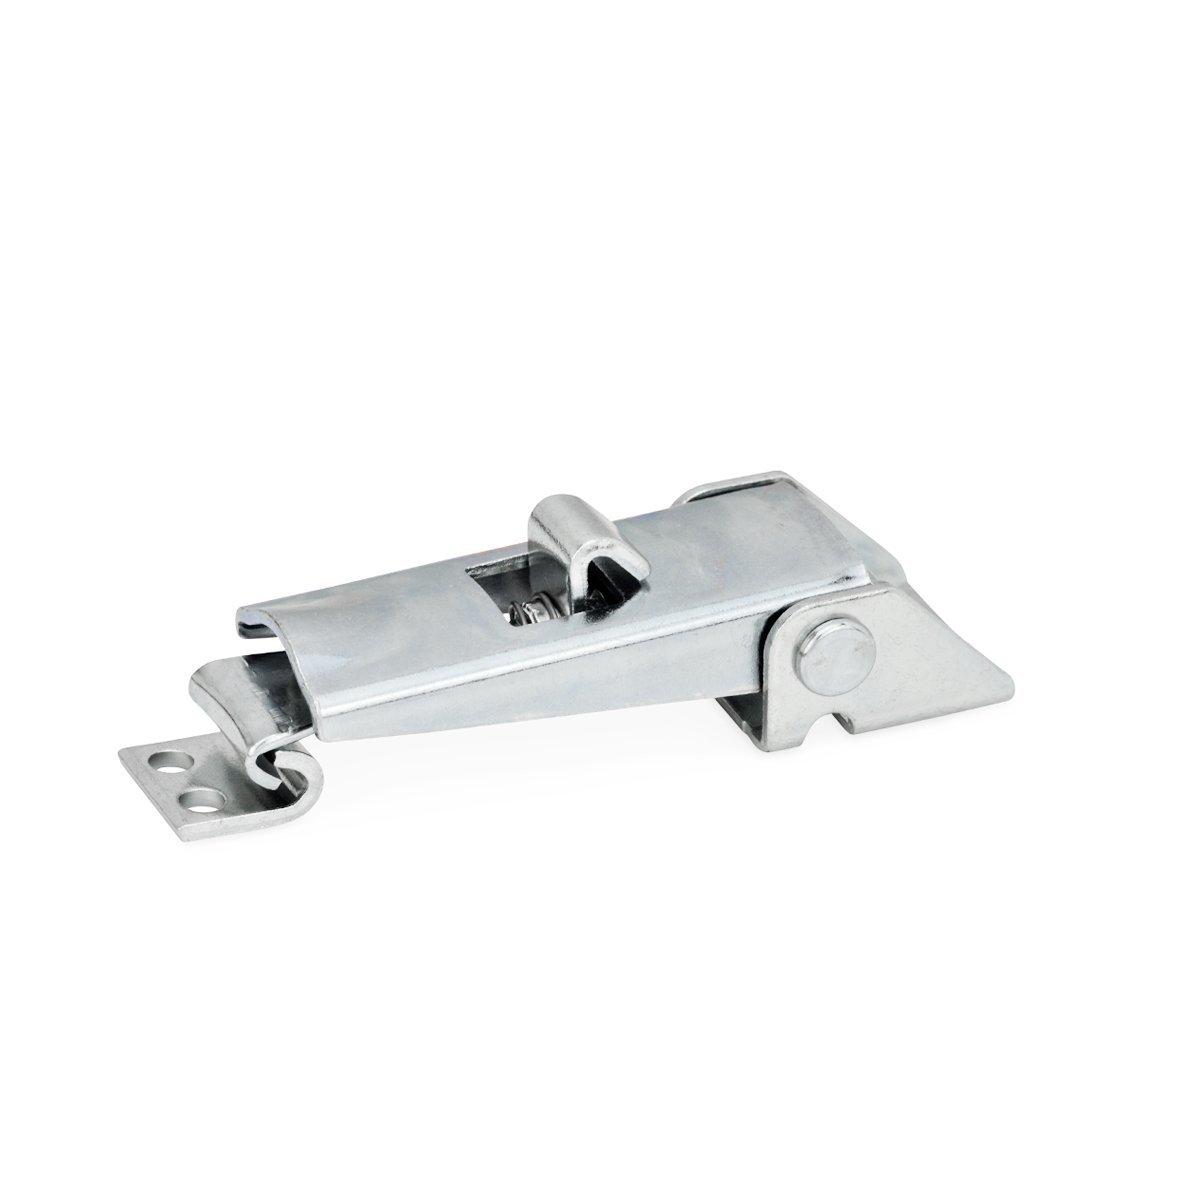 Ganter Normelemente | Spannverschlü sse -  GN 831-100-S-ST-1 | Mit Sicherung | Stahl | verzinkt, blau passiviert | 1 Stü ck